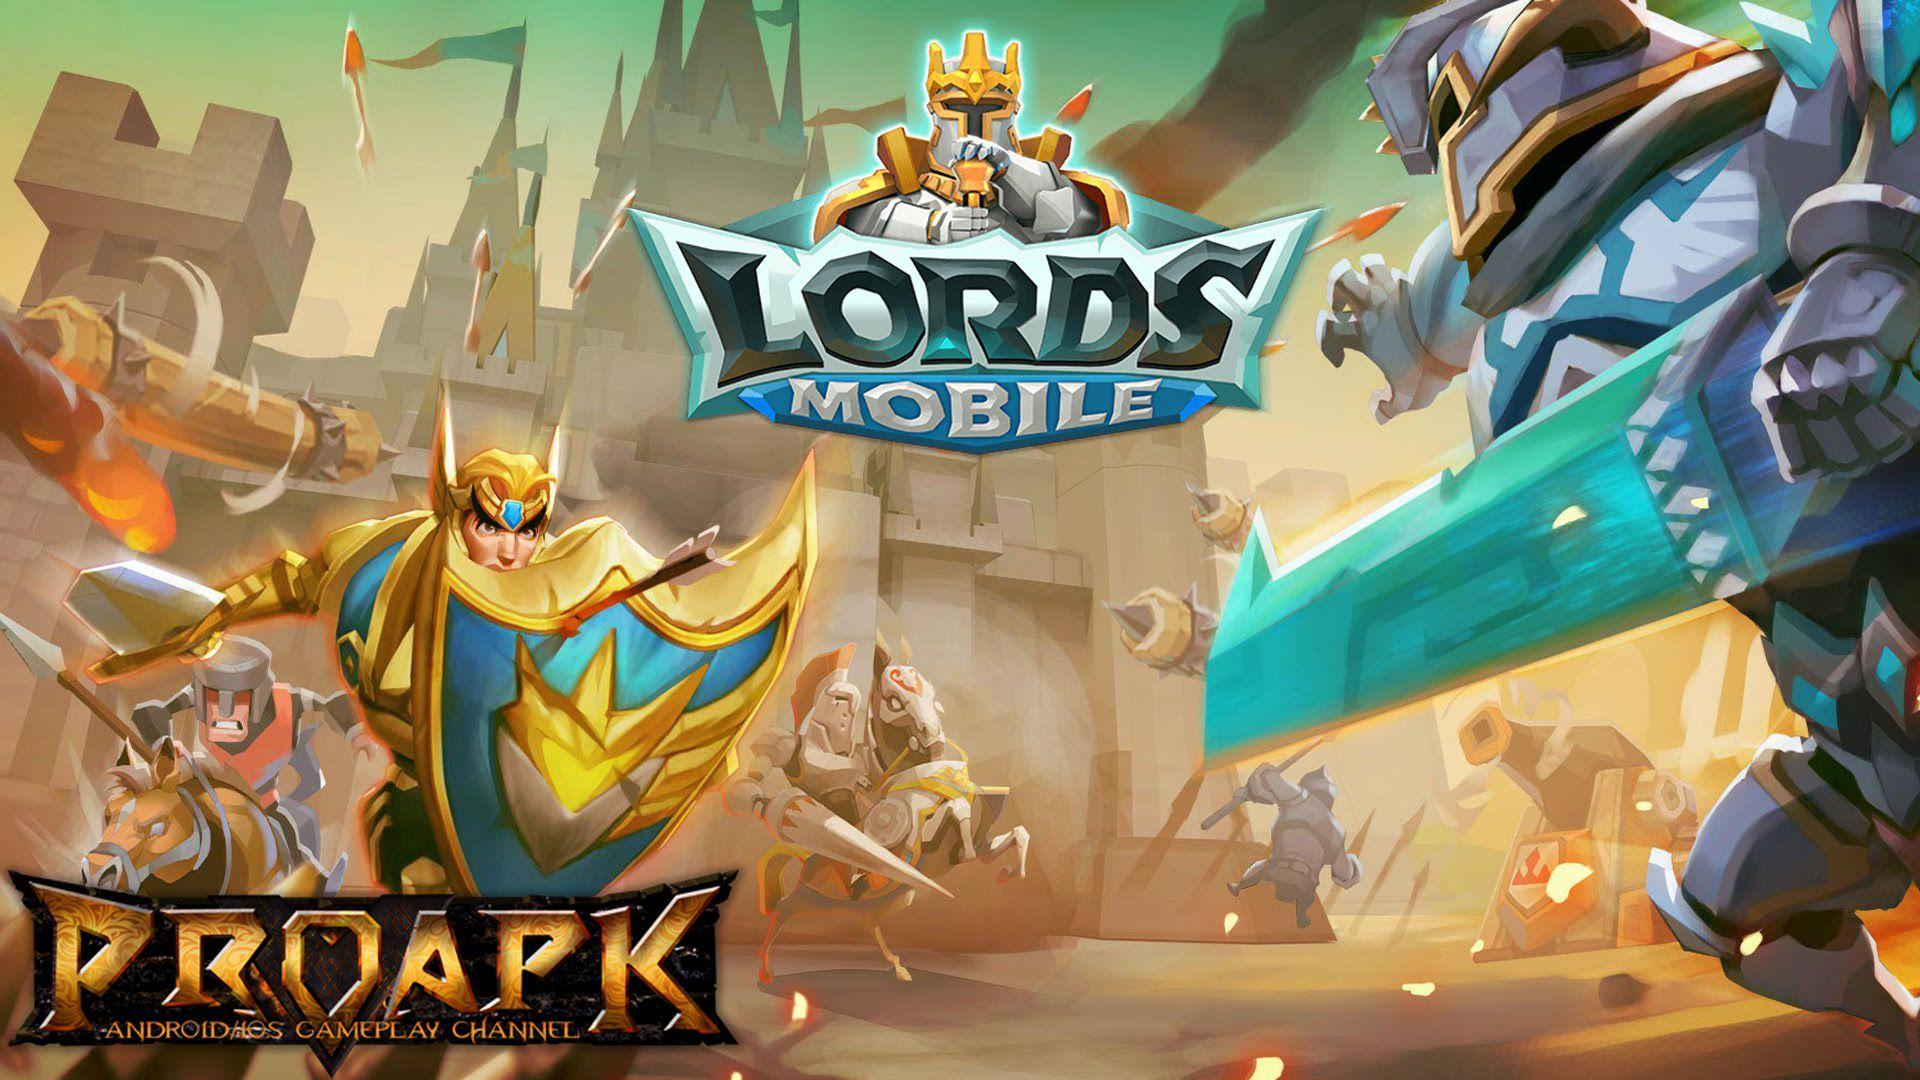 Hướng dẫn chiến thuật cơ bản của tân thủ Lords Mobile | Mẹo chơi (1)